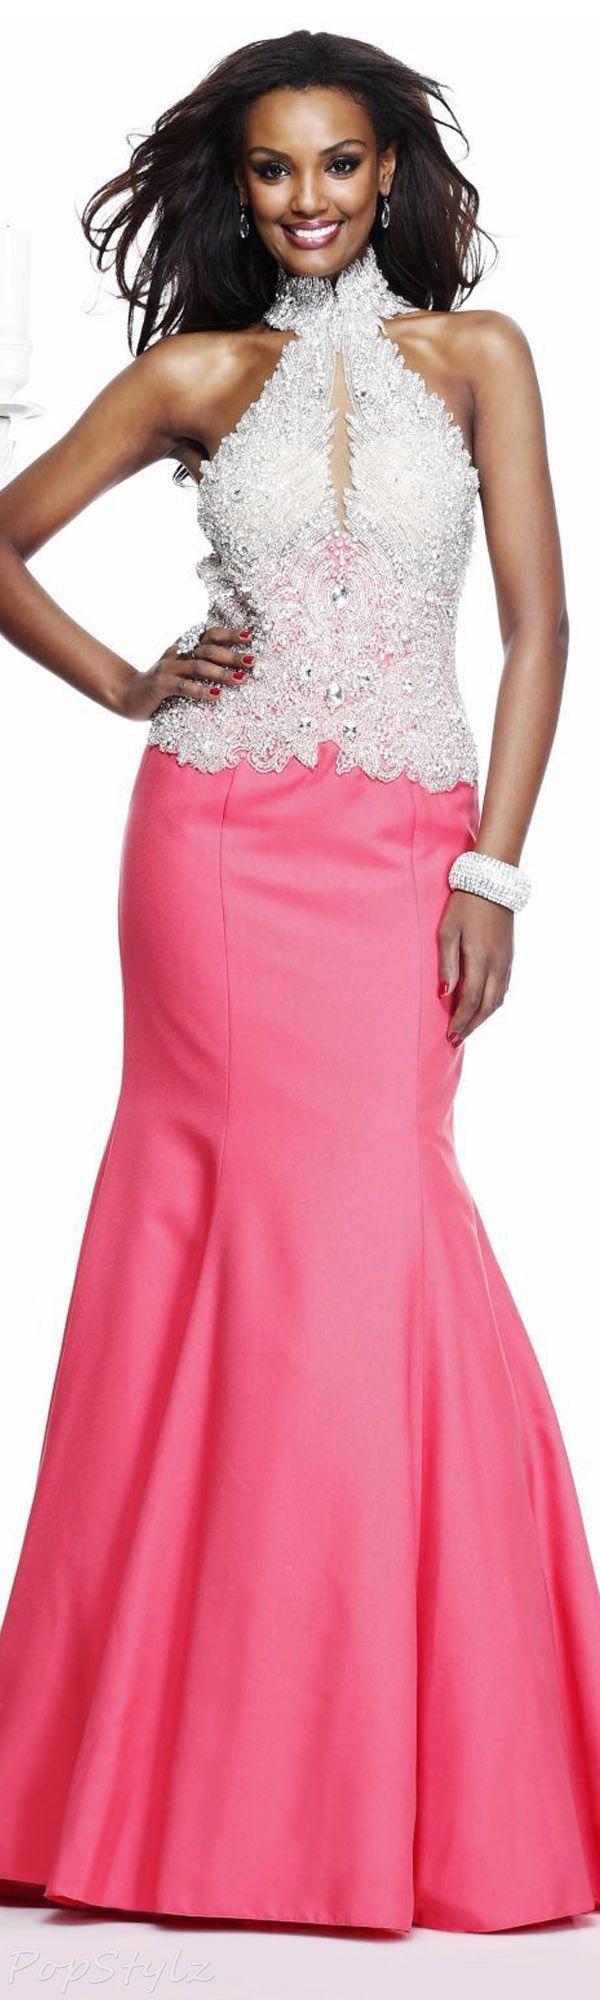 199 best Designer, Tarik Ediz images on Pinterest   Classy dress ...